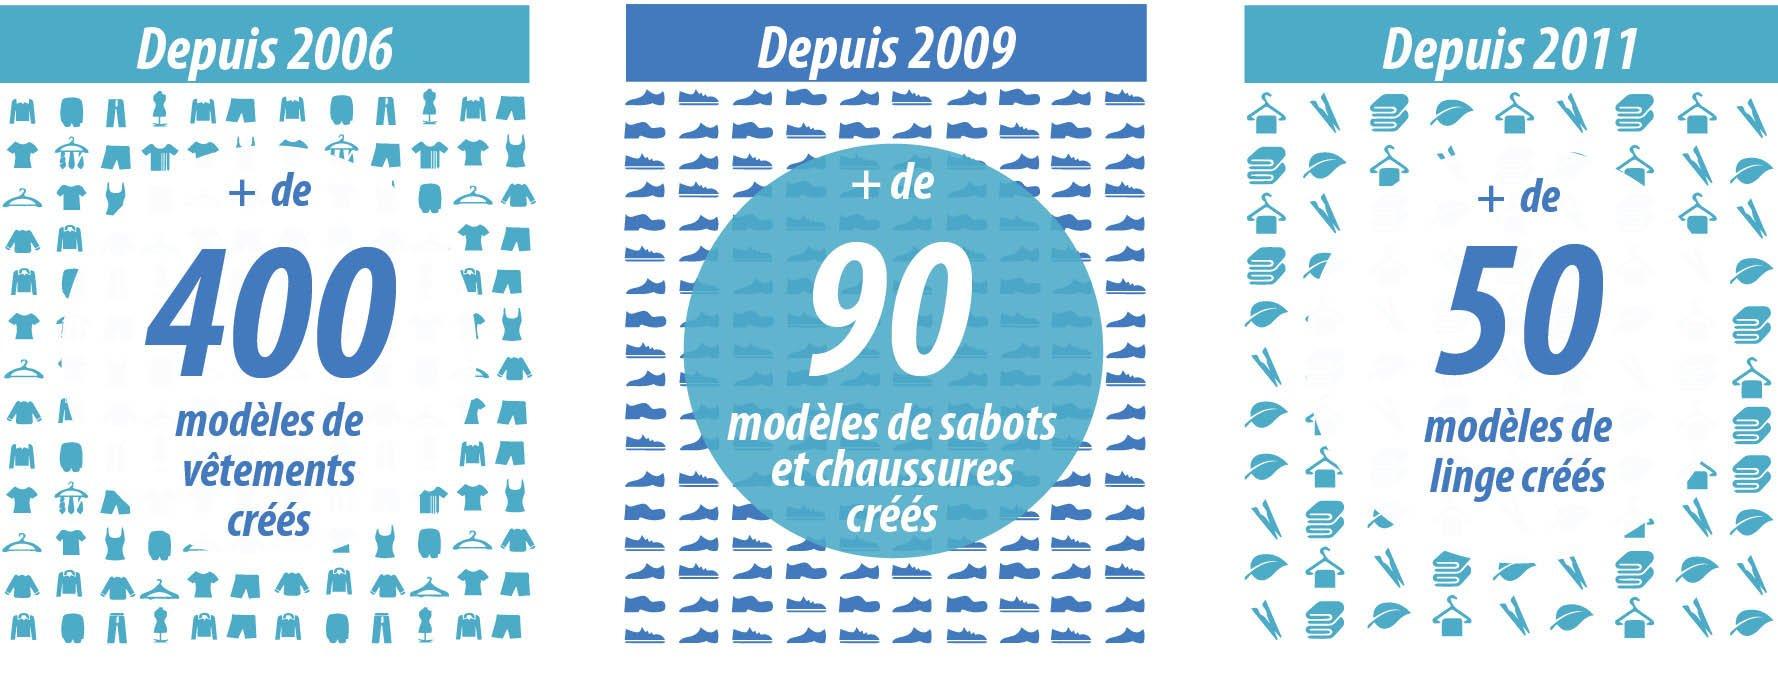 depuis 2006 plus de 400 modèles de vêtements créés, depuis 2009 plus de 90 modèles de sabots et chaussures créés et depuis 2011 plus de 50 modèles de linges créés